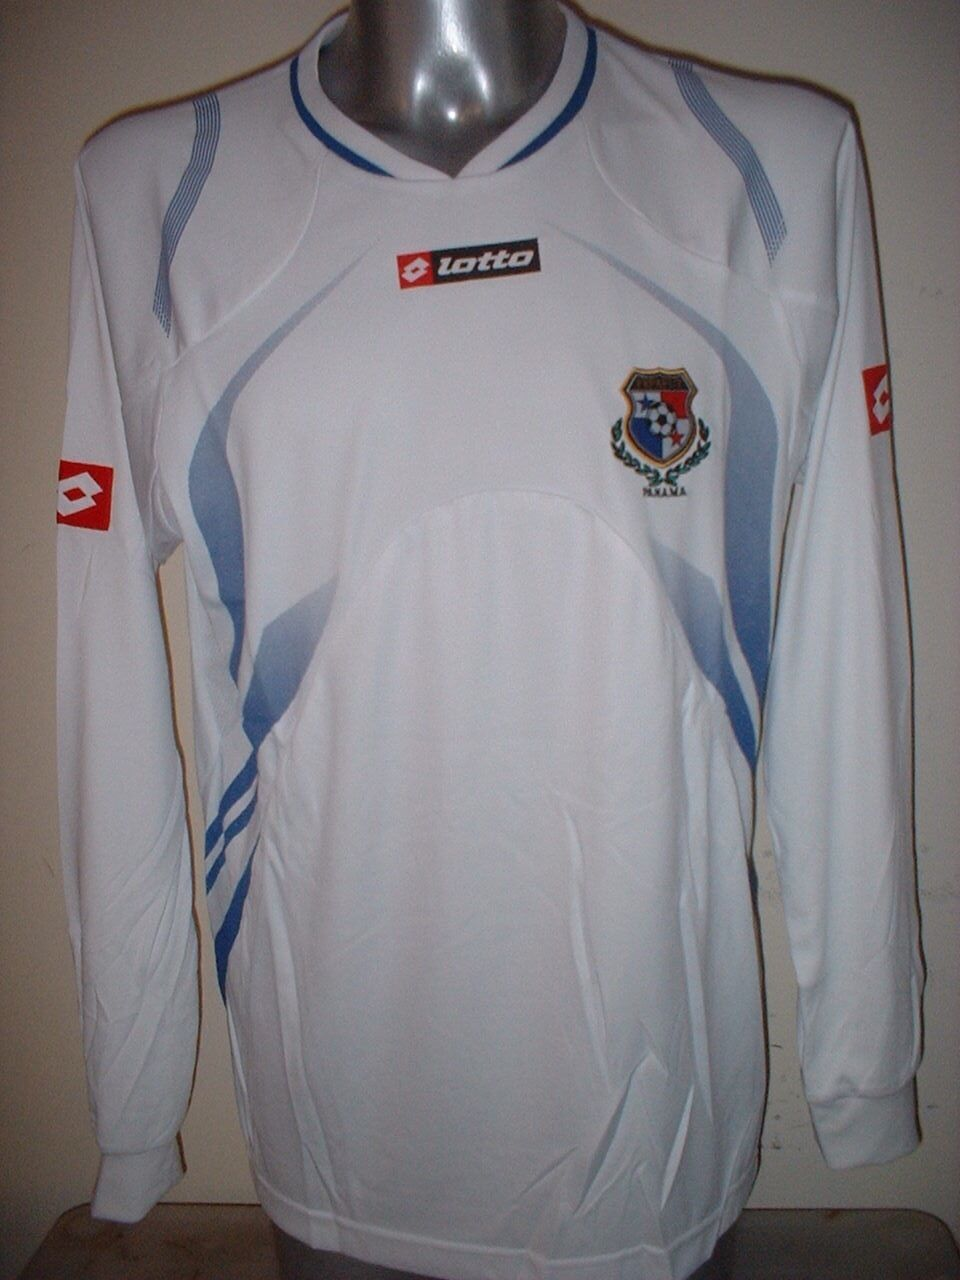 Panama Jersey New BNIB Adult S M L XL Football Soccer Shirt Lotto Top L S Away